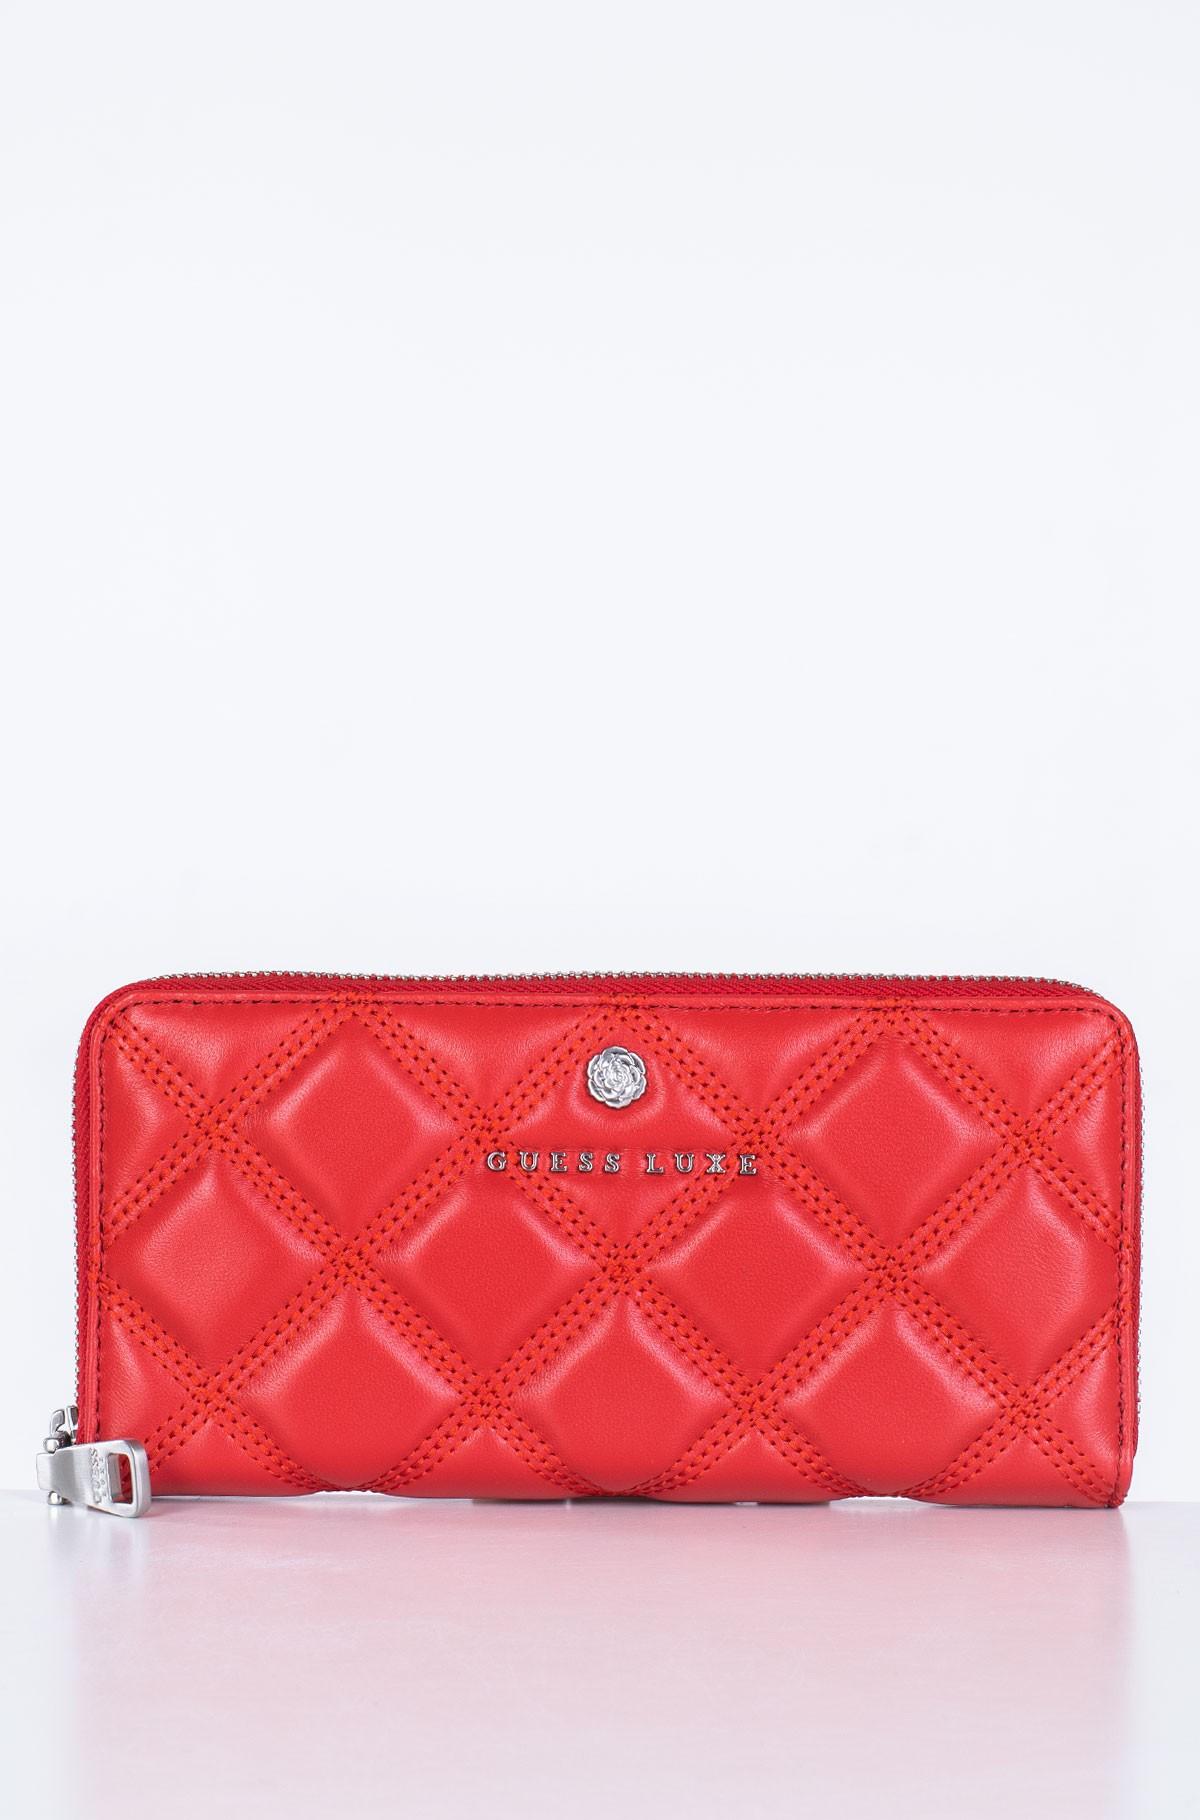 Wallet SWKIKI L0146-full-1